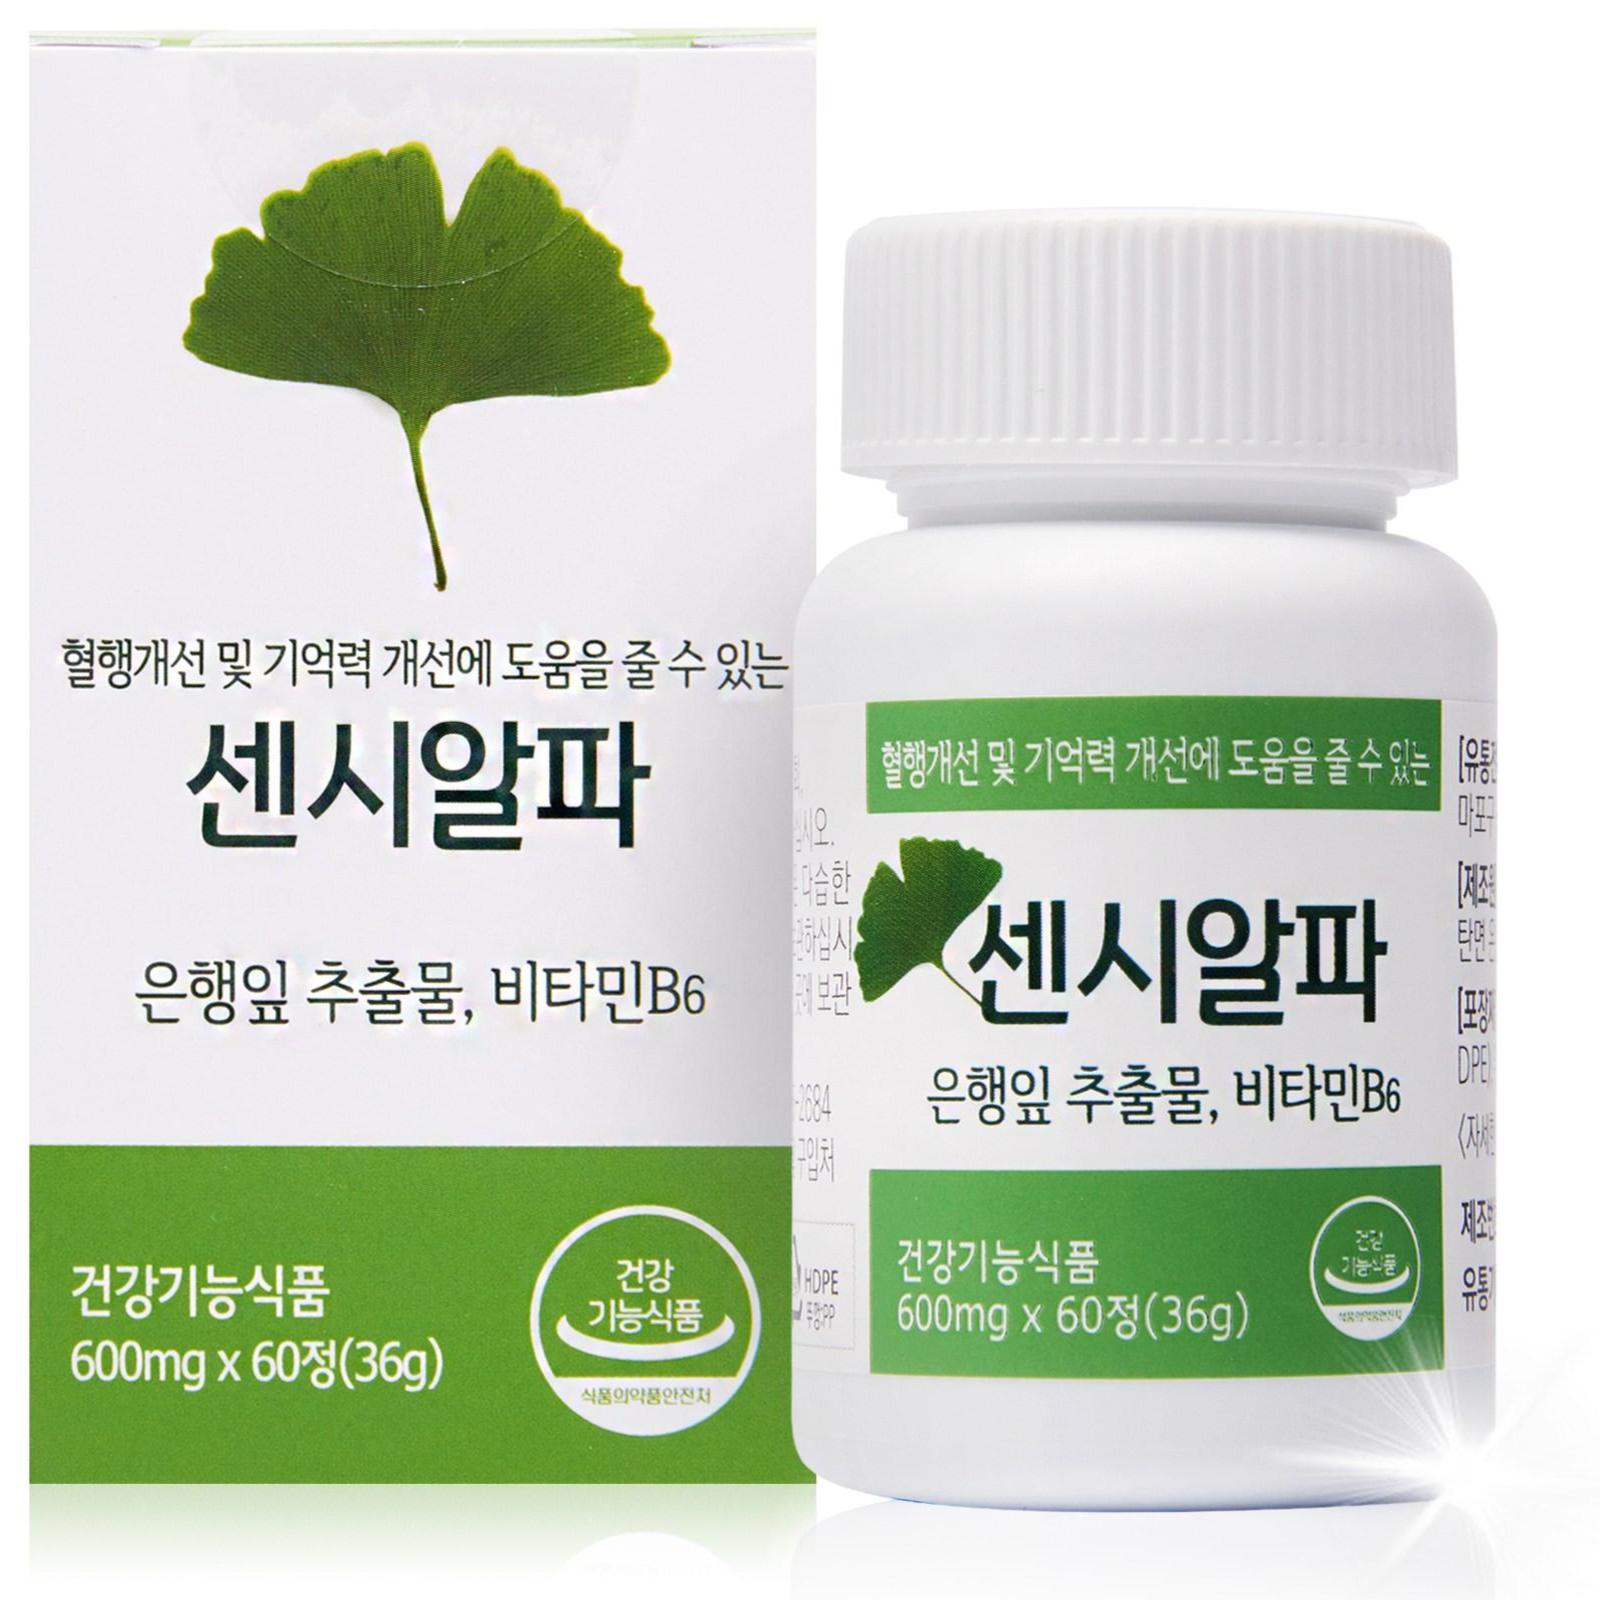 센시알파 은행잎추출물 비타민 60정, 2개월분